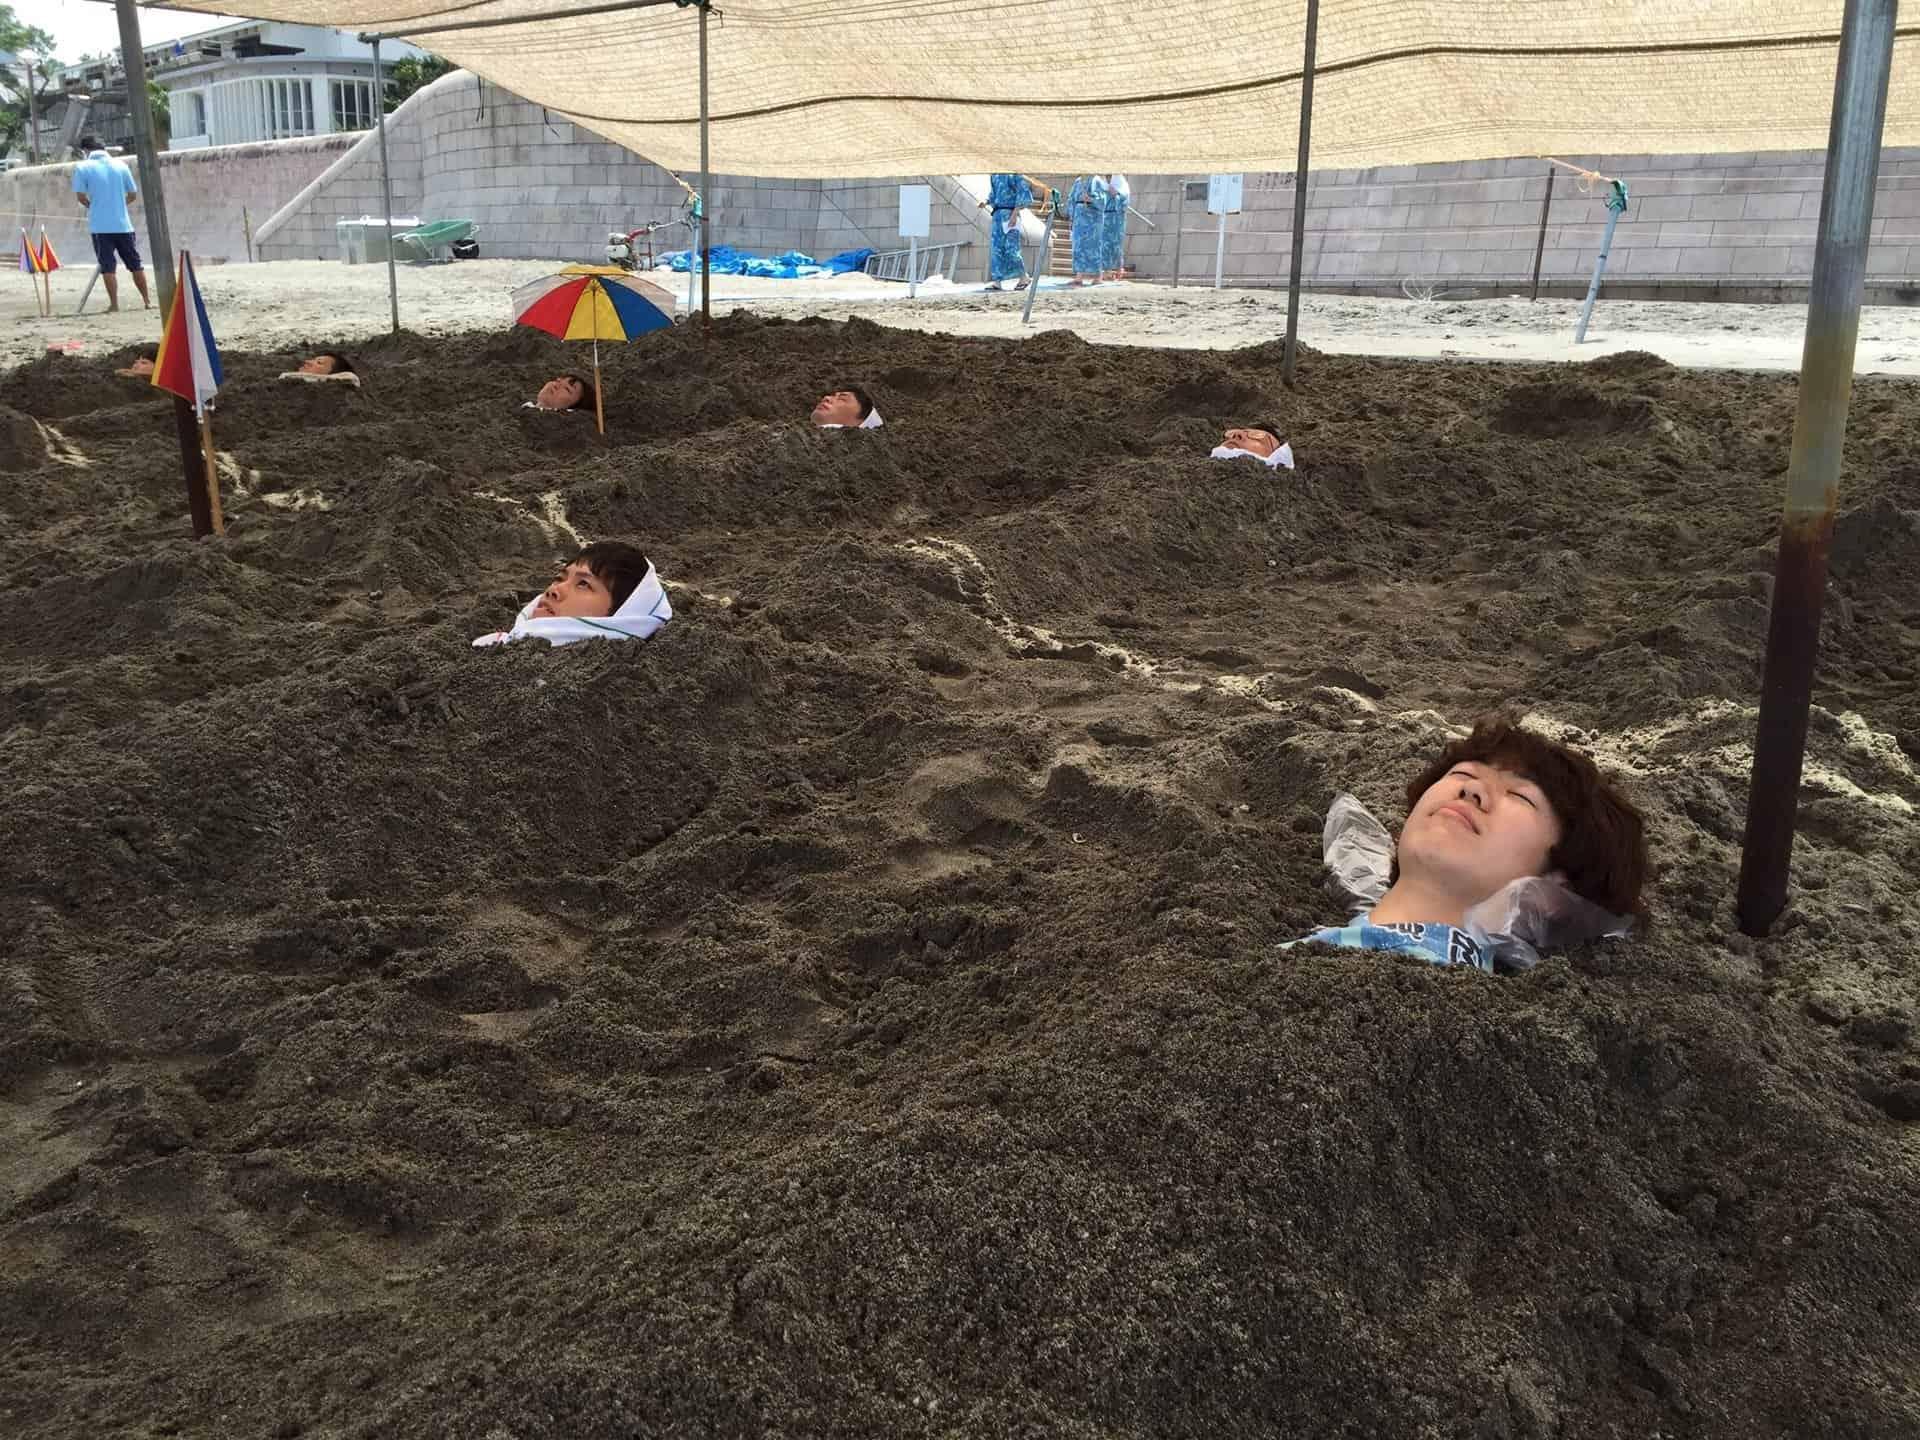 แช่ออนเซ็นทราย ที่ อิบุสุกิออนเซ็น (Ibusuki Onsen) คาโกชิม่า